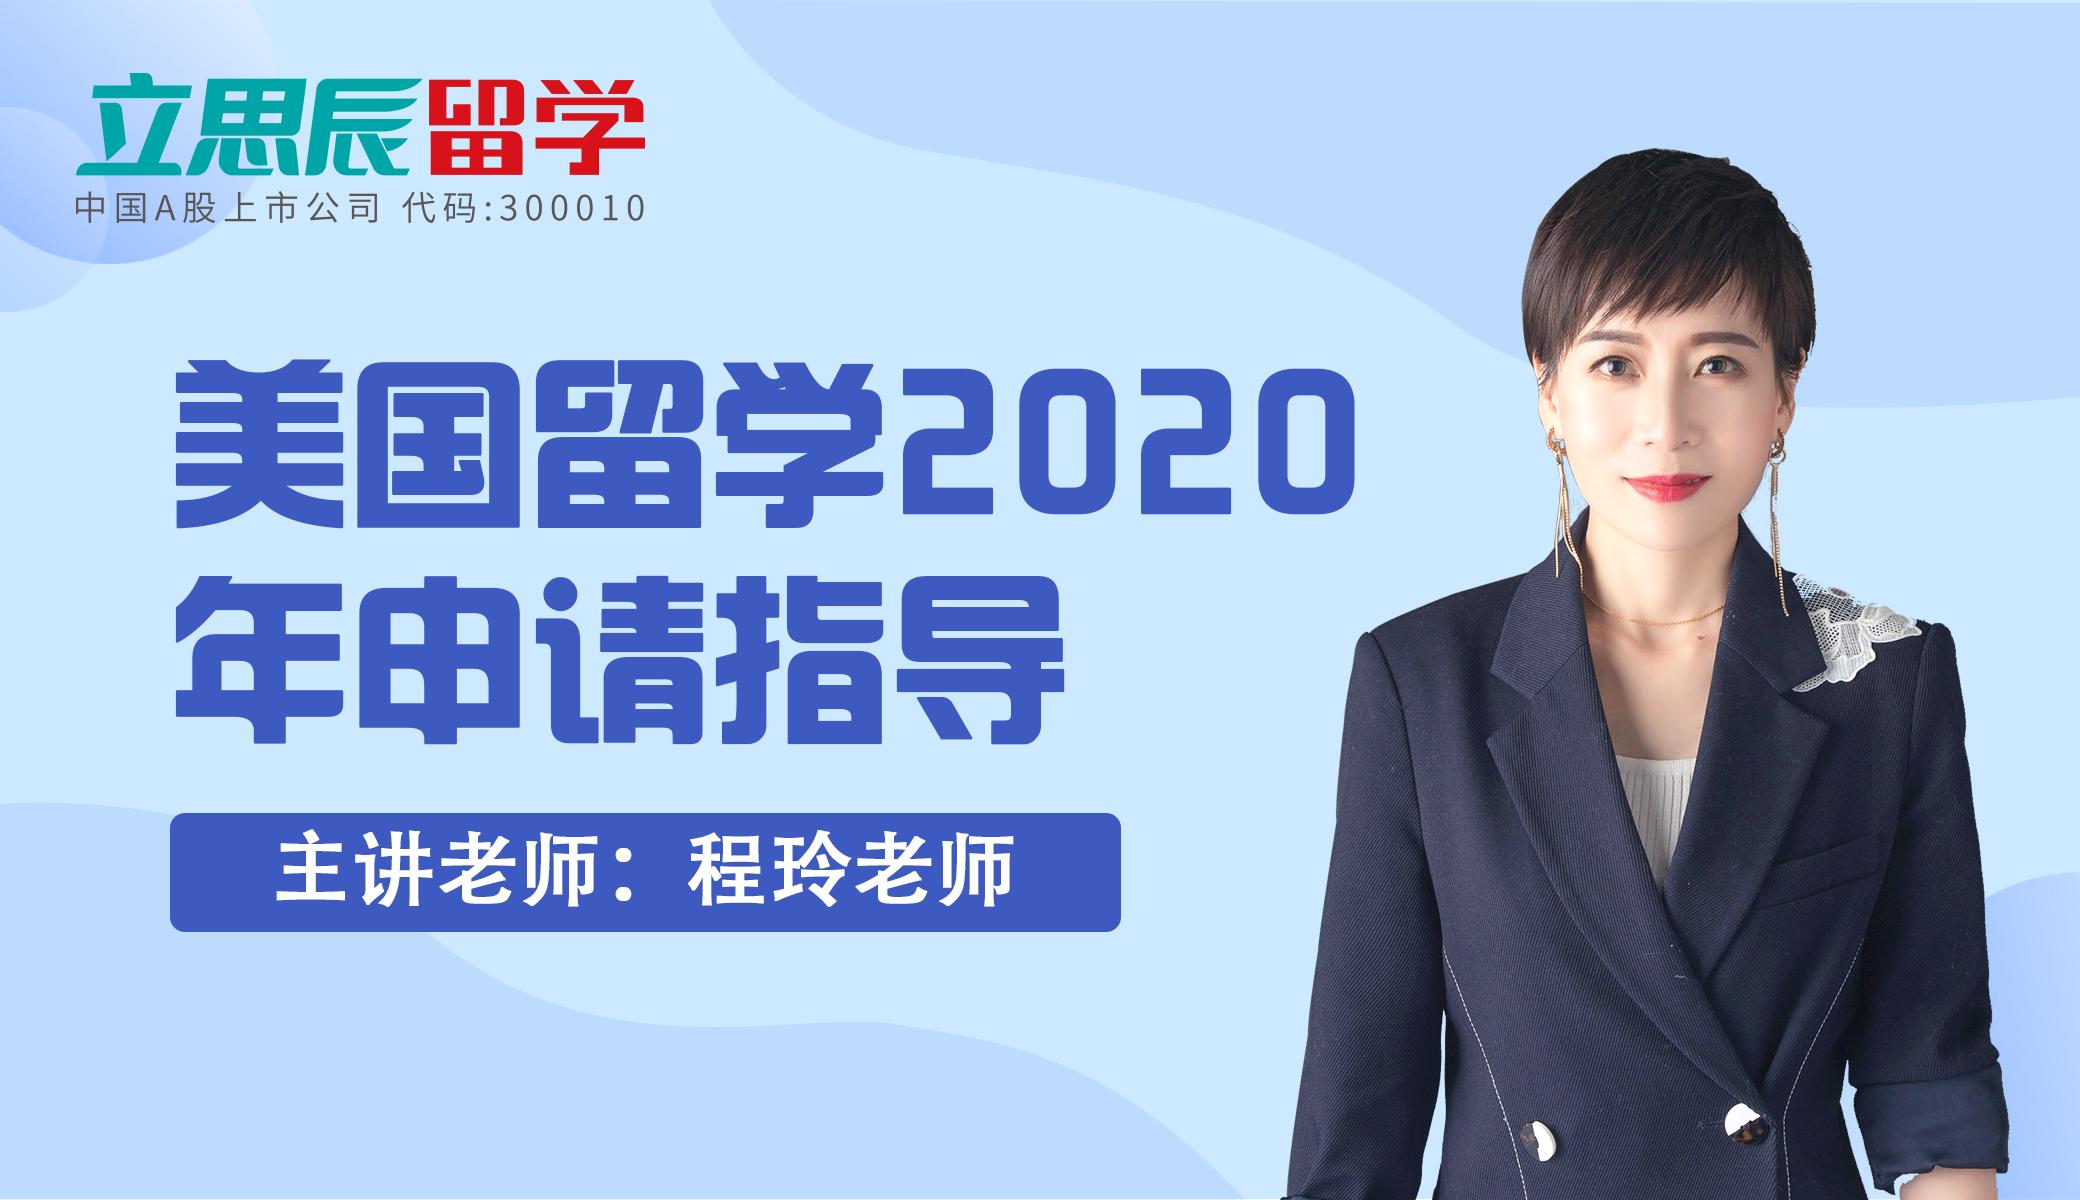 2020年美国学校申请指导